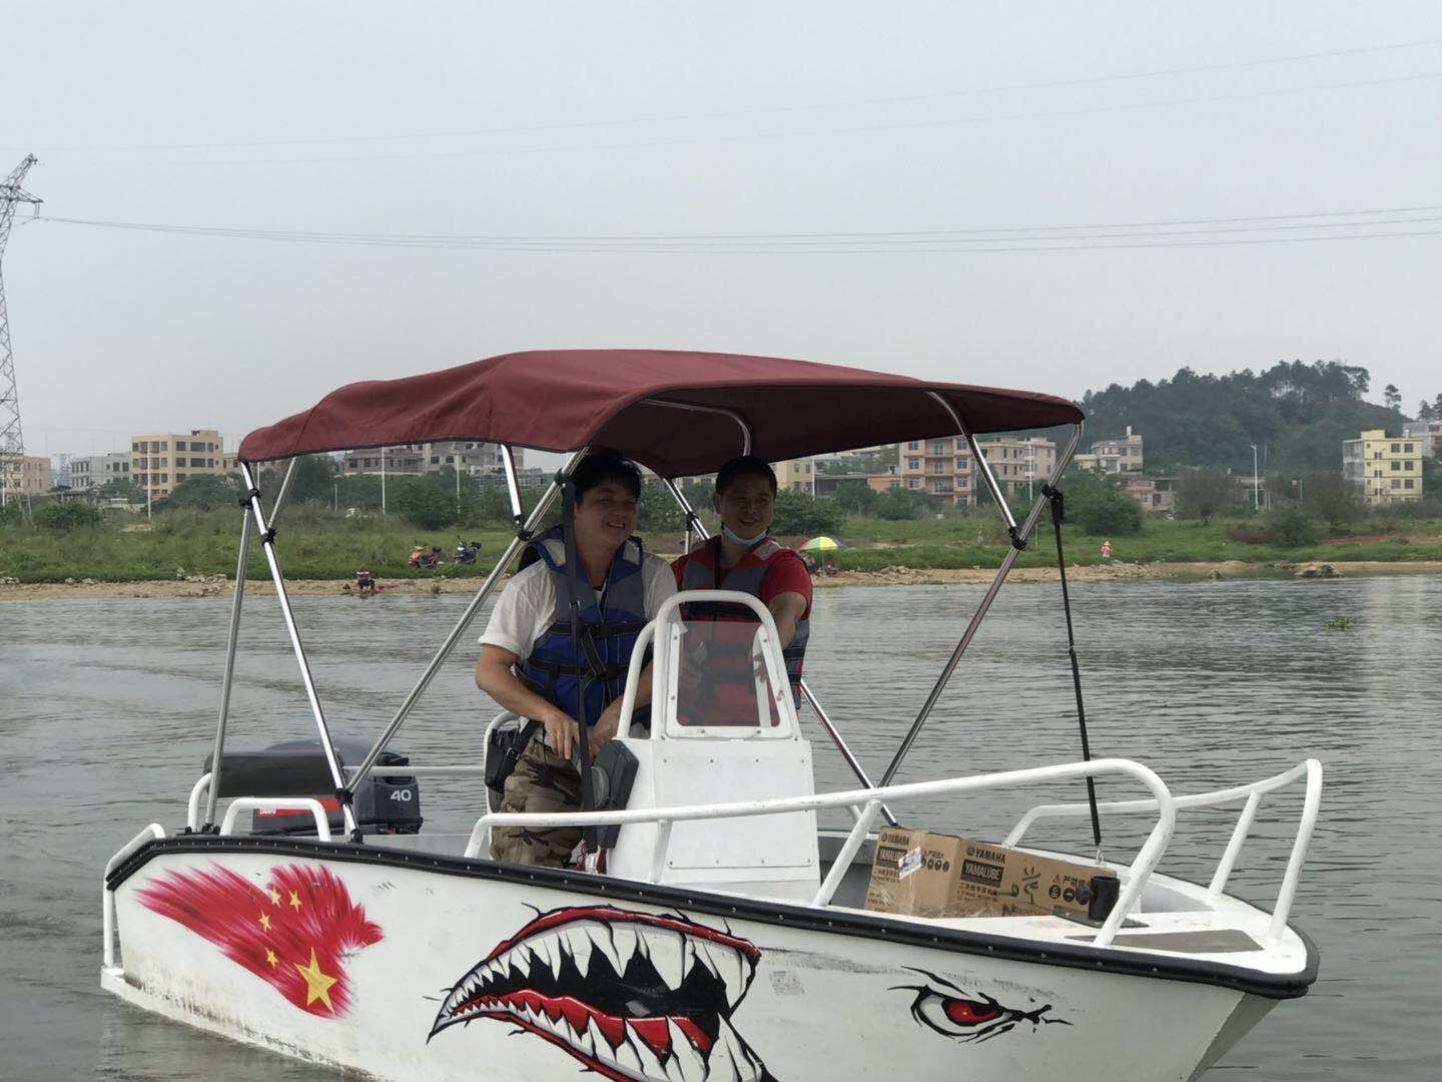 快艇遮阳棚棚子雨棚橡皮艇防水钓鱼艇加厚款挡雨棚船用游艇遮阳挡